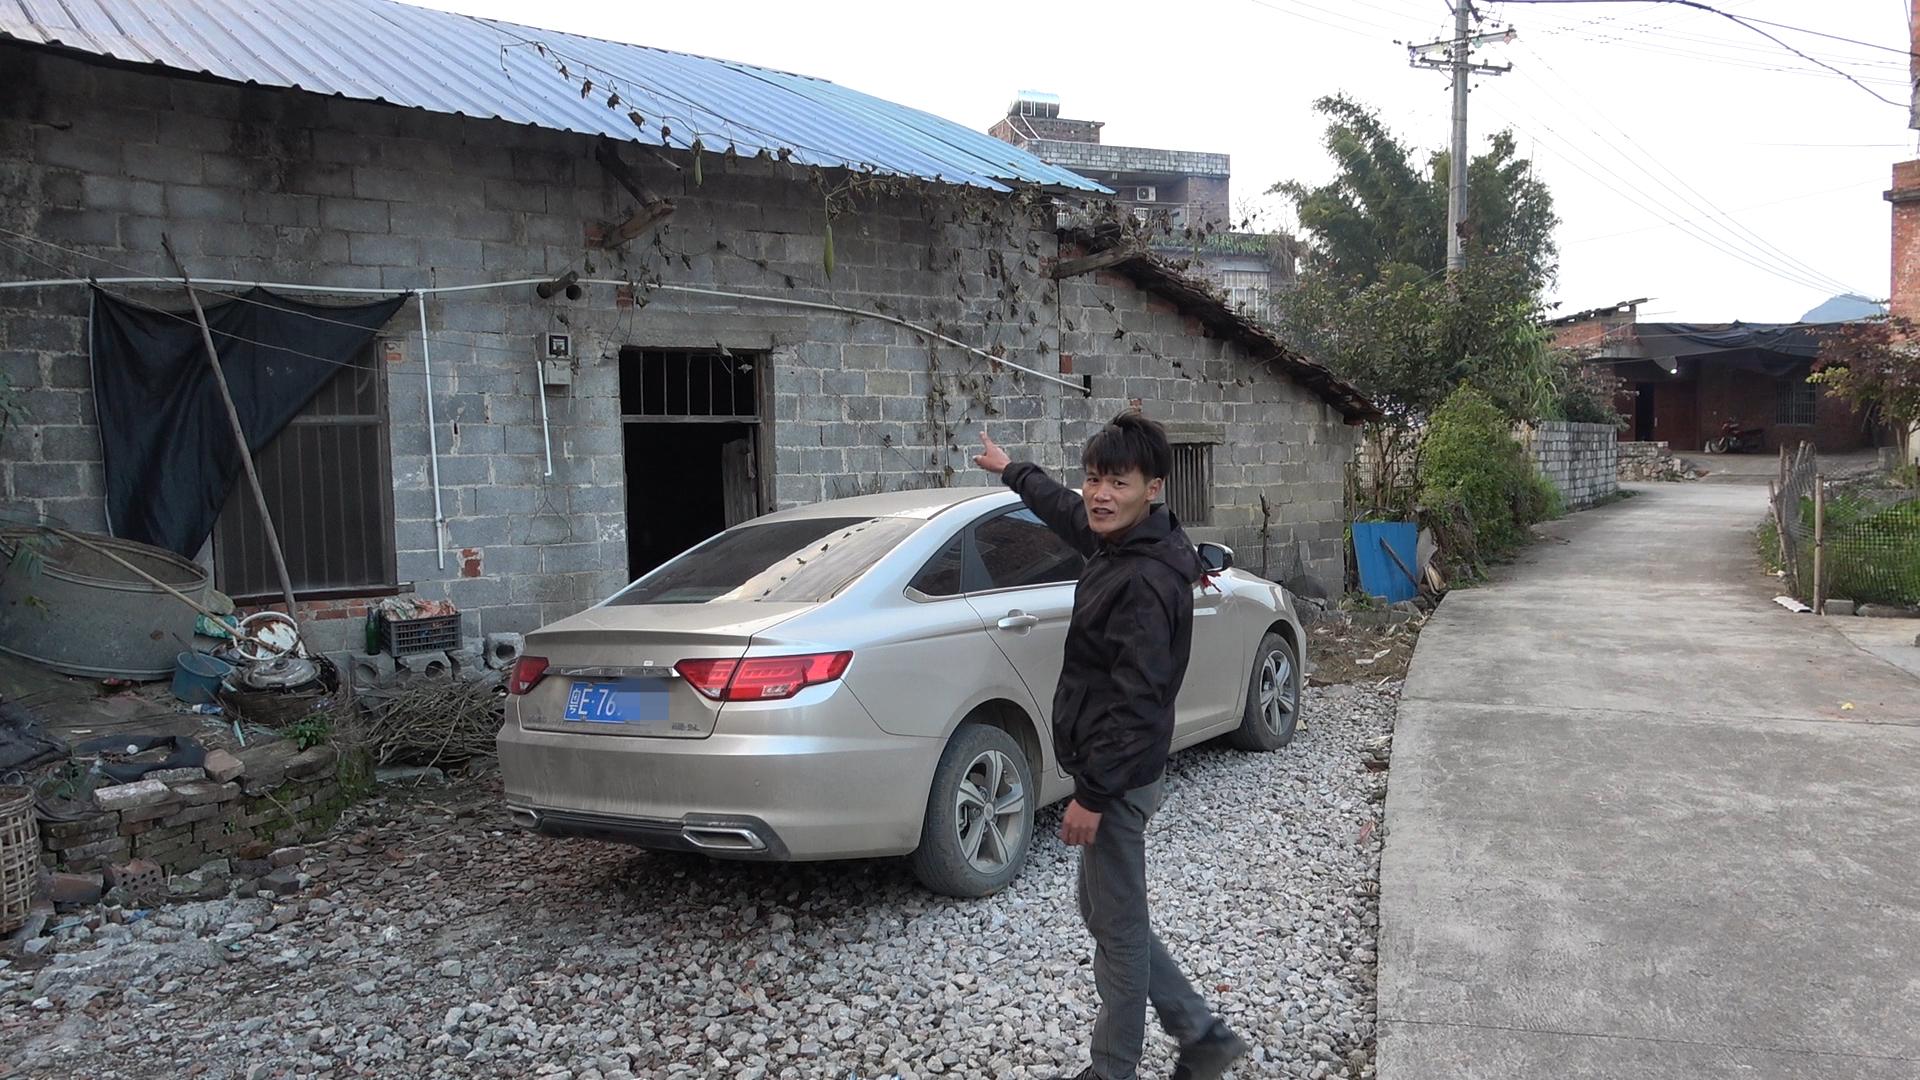 农村小伙为了娶老婆,把打工5年攒的钱买了一辆小轿车,太下本了